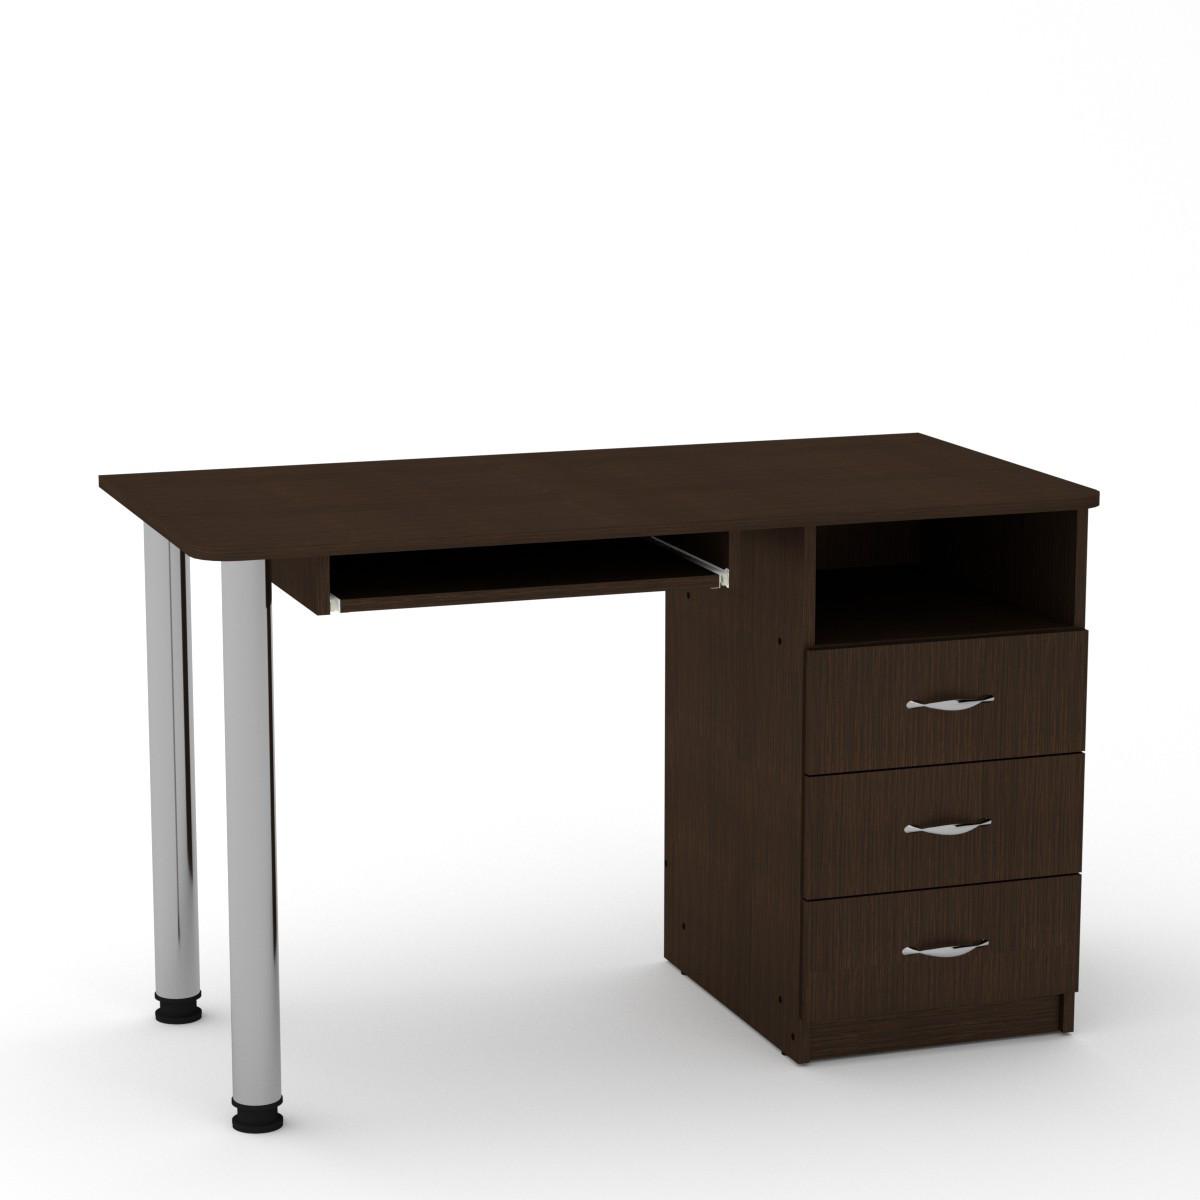 Стол письменный СКМ-9 венге темный Компанит (120х60х74 см)